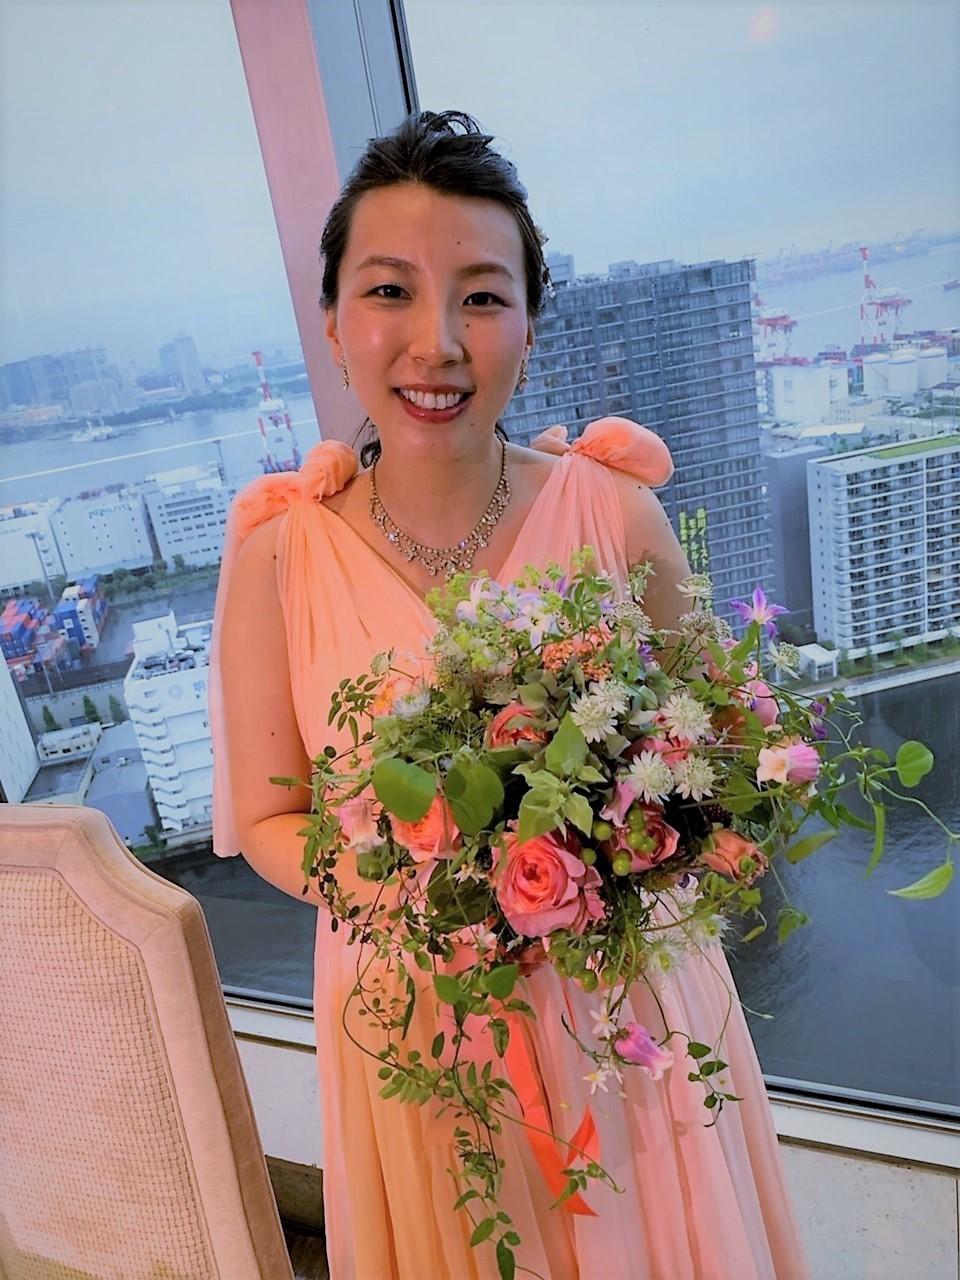 卒花さまアルバム 第一ホテルシーフォートの花嫁様へ 心が動く2019_a0042928_16195456.jpeg